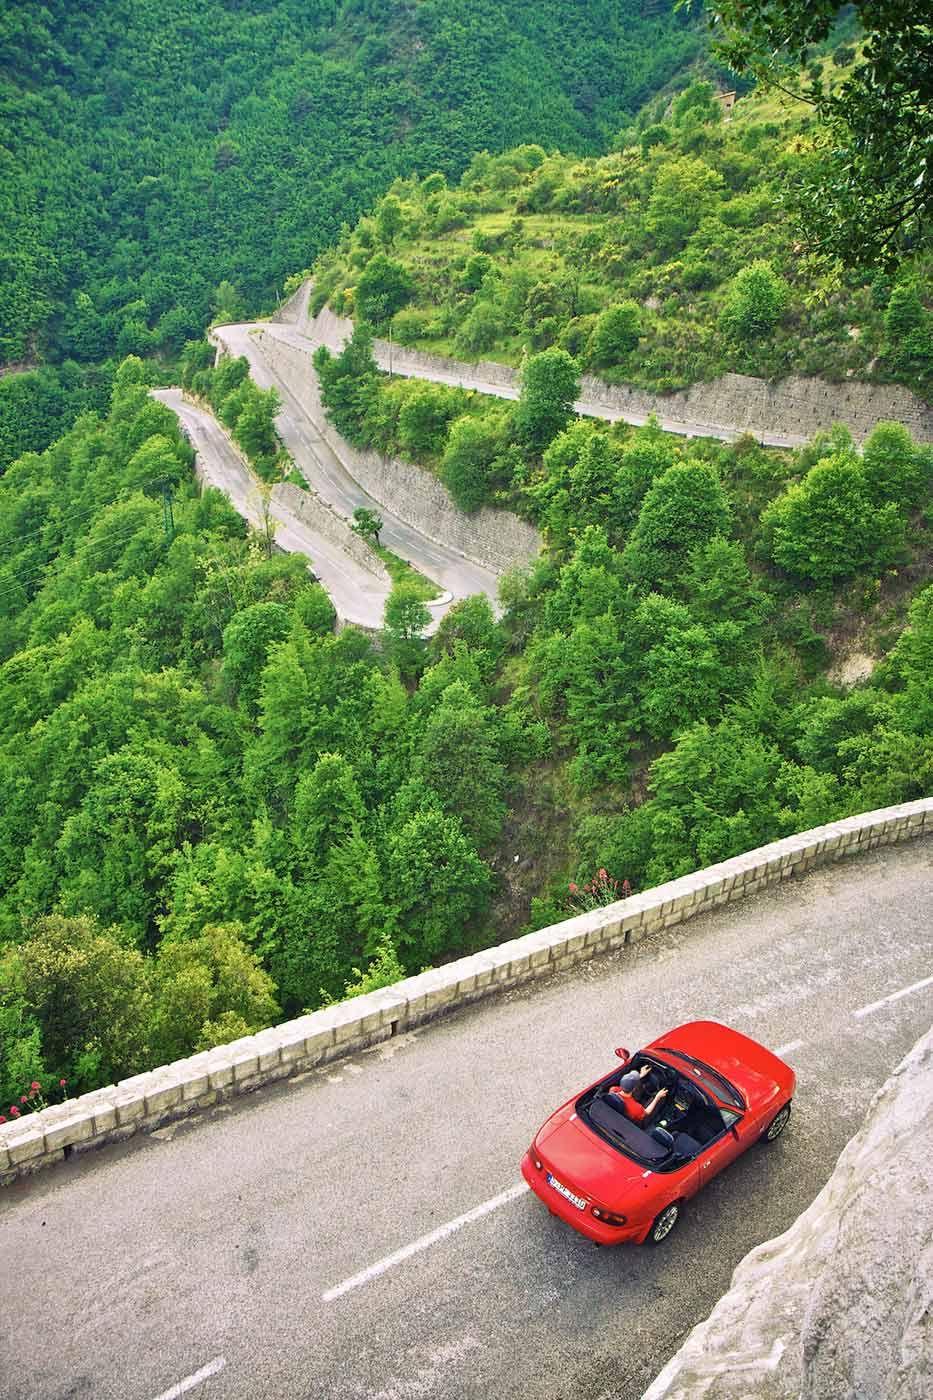 Mazda miata mx 5 road trip lead to new career www rvinyl com